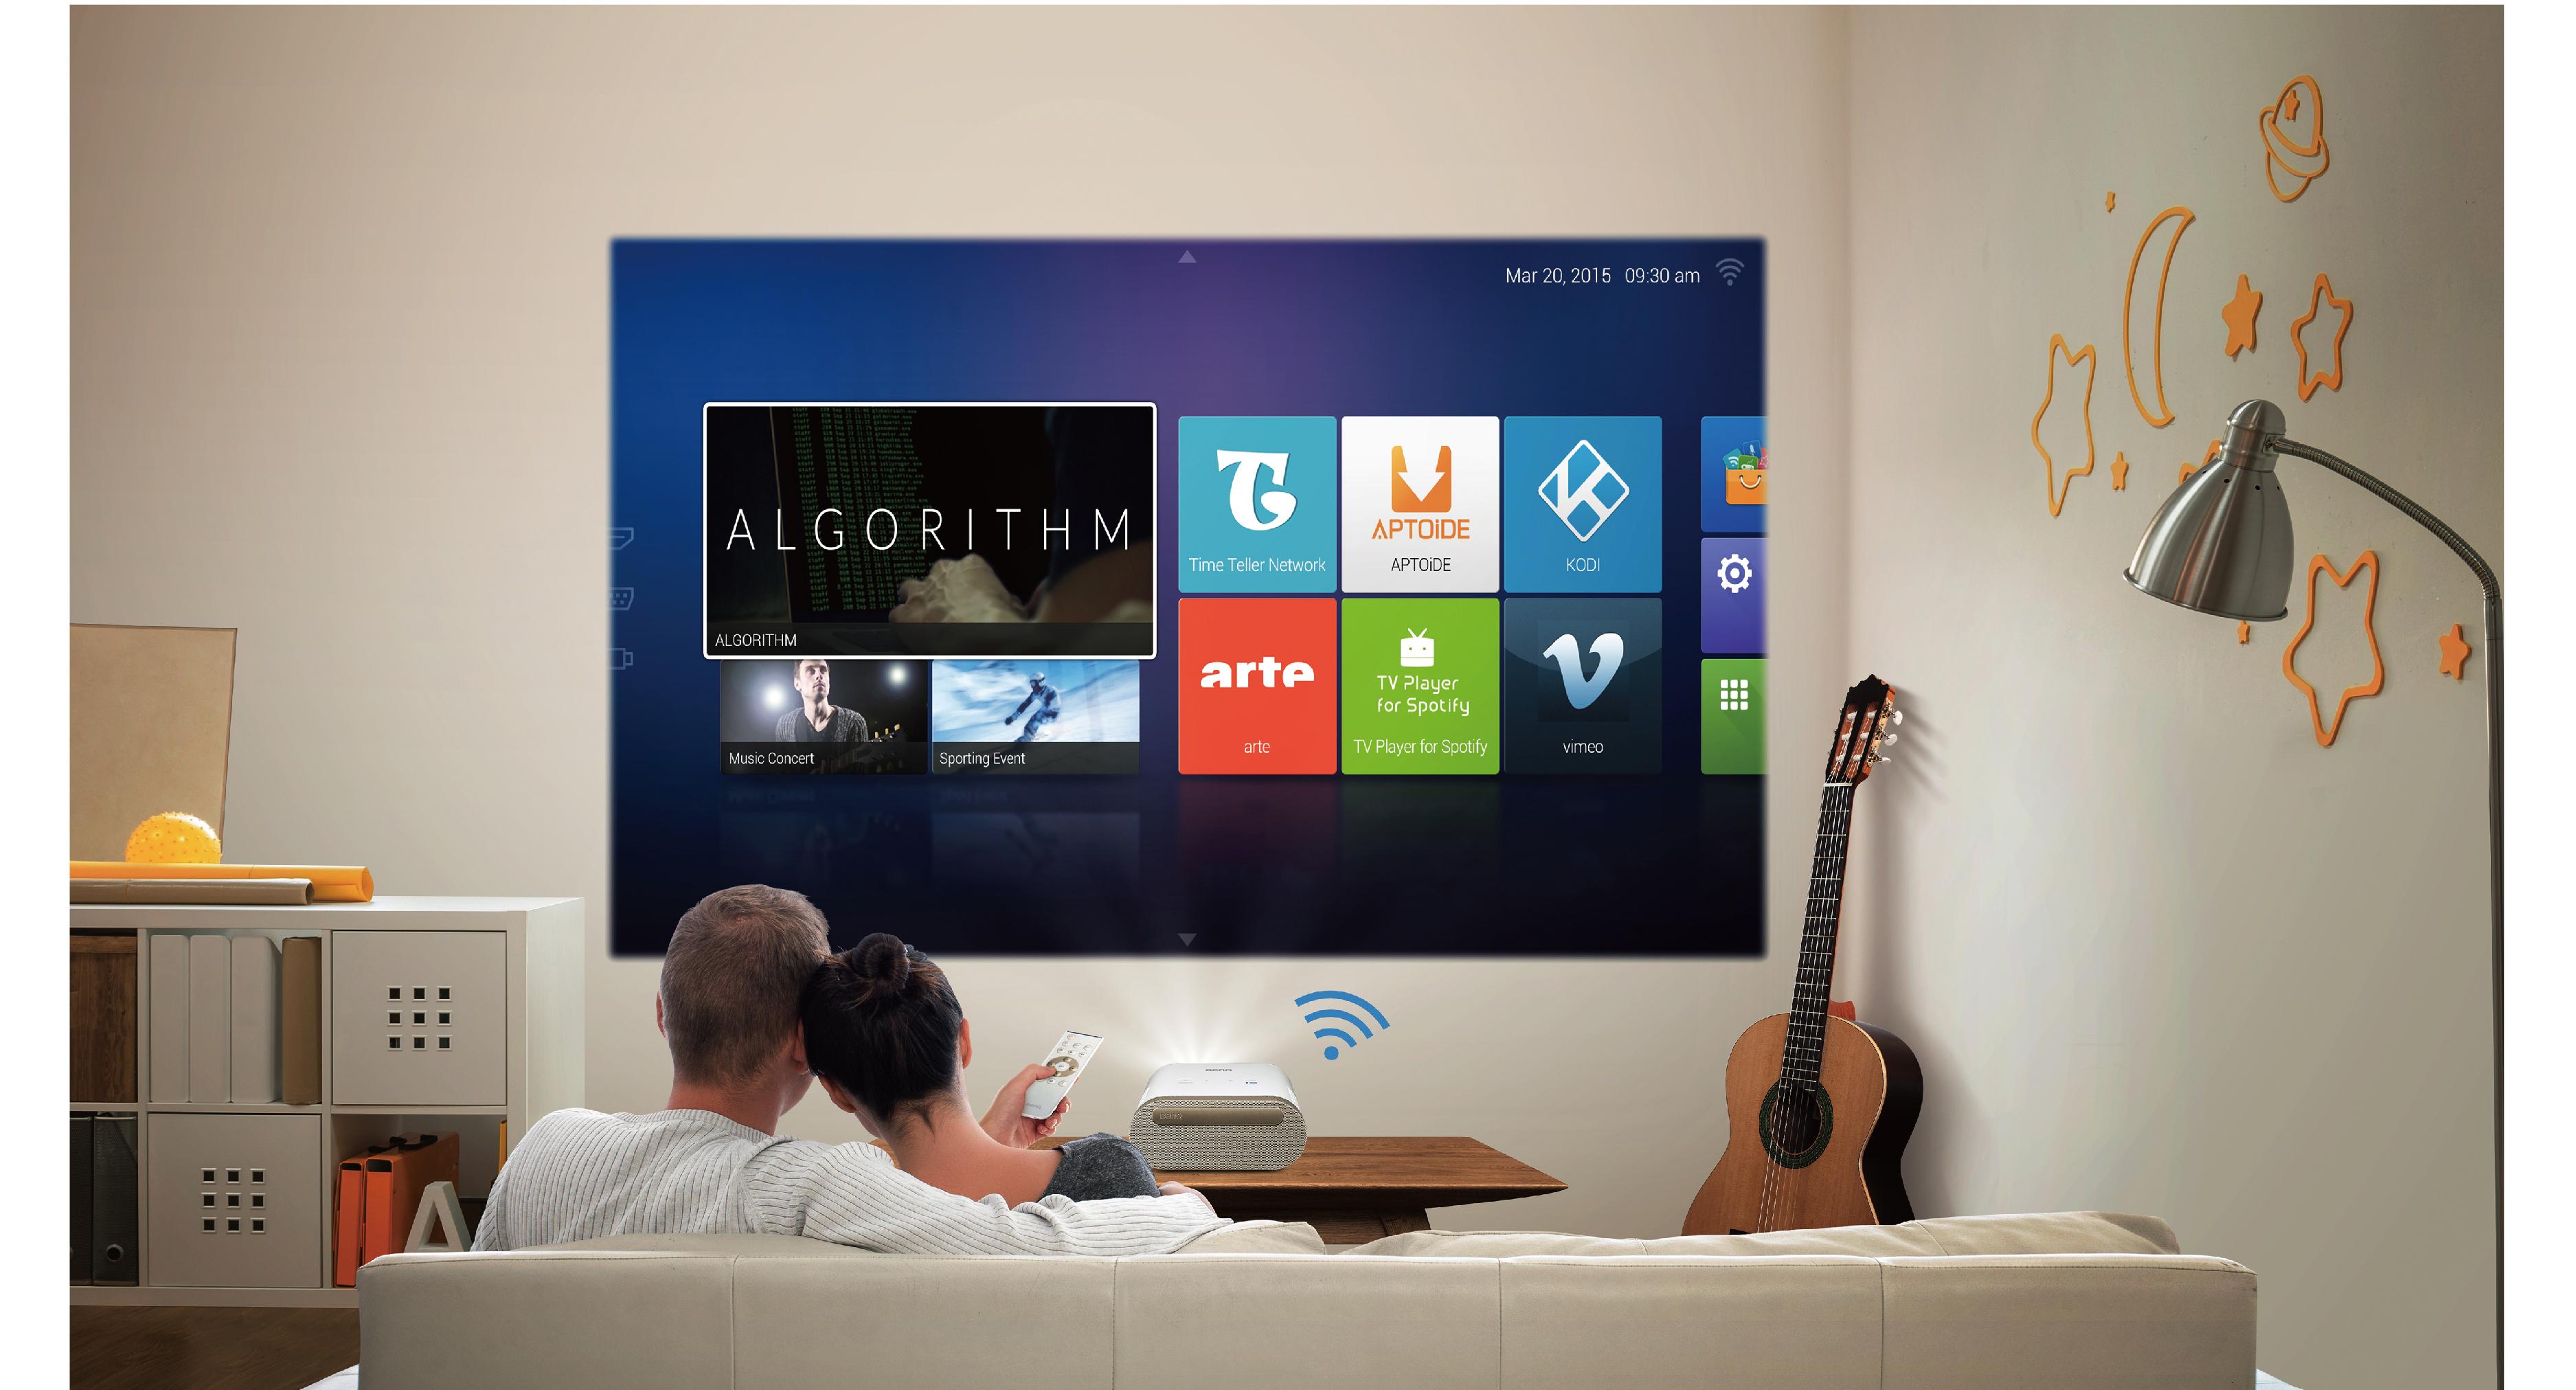 benq annonce un vid oprojecteur sous android ere num rique. Black Bedroom Furniture Sets. Home Design Ideas